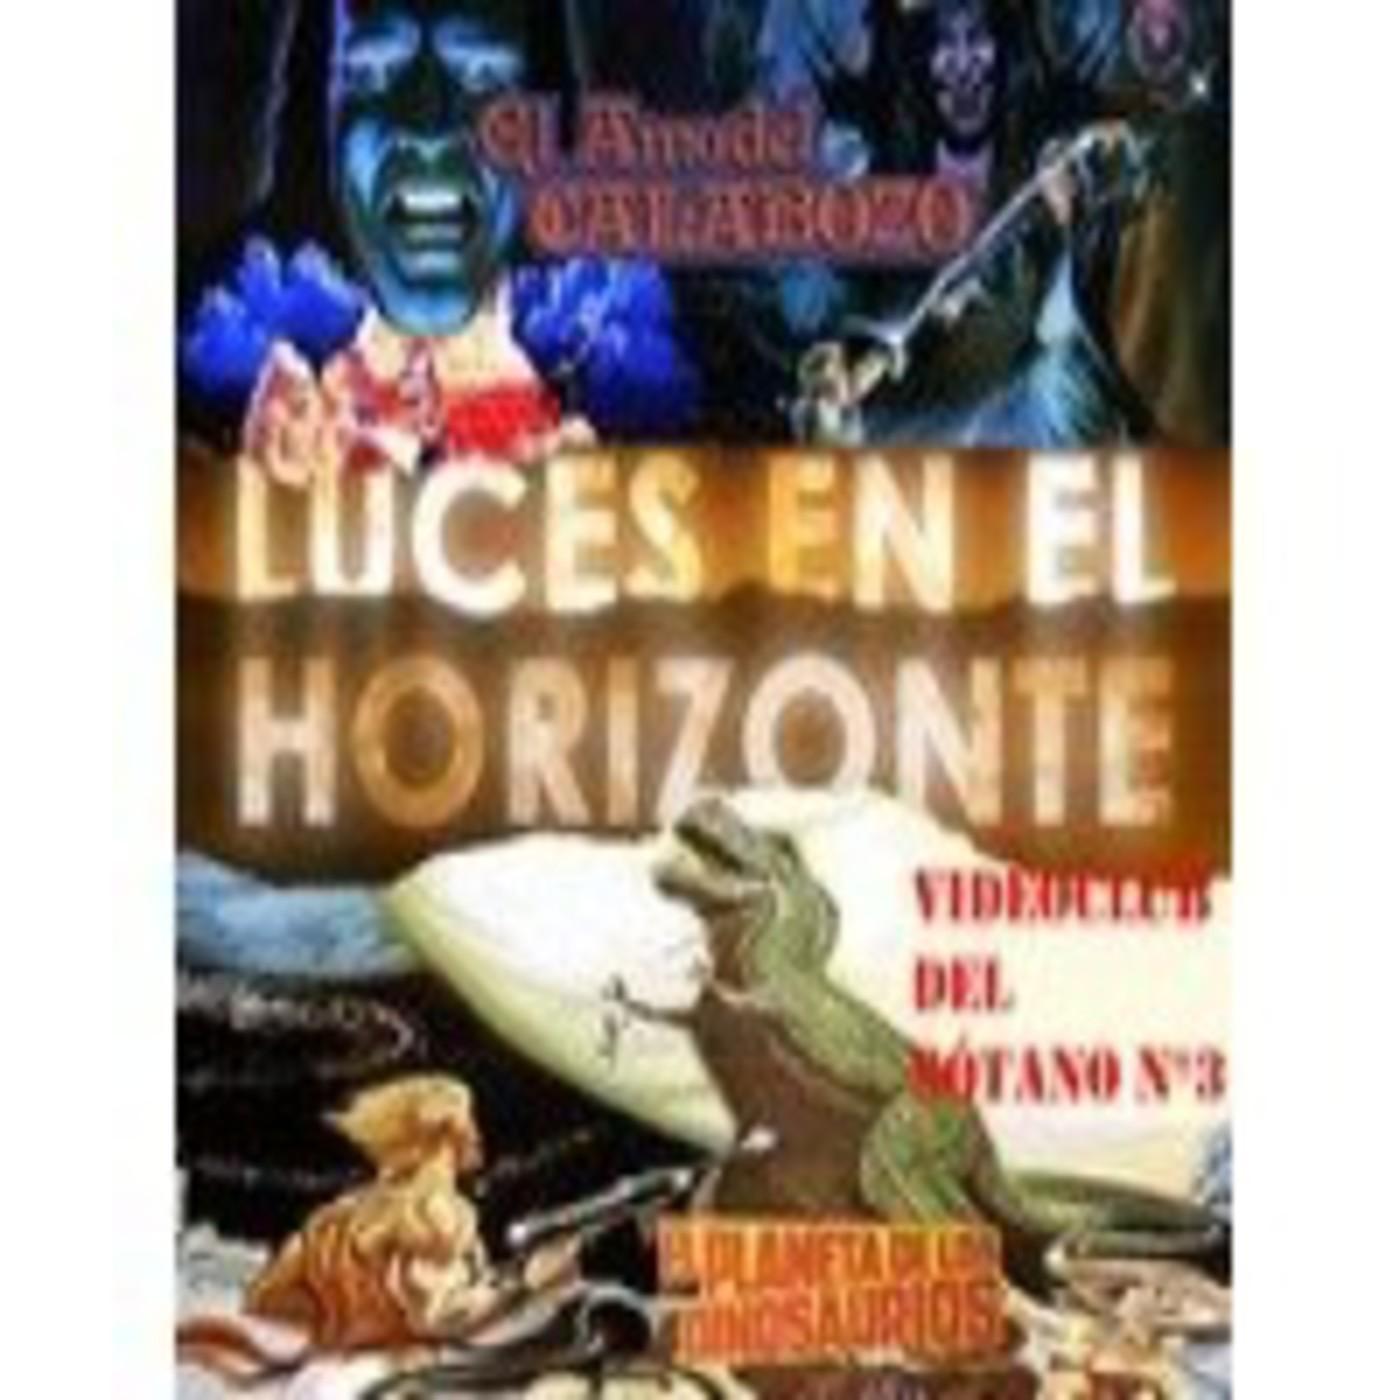 Luces En El Horizonte - Videoclub Del Sótano